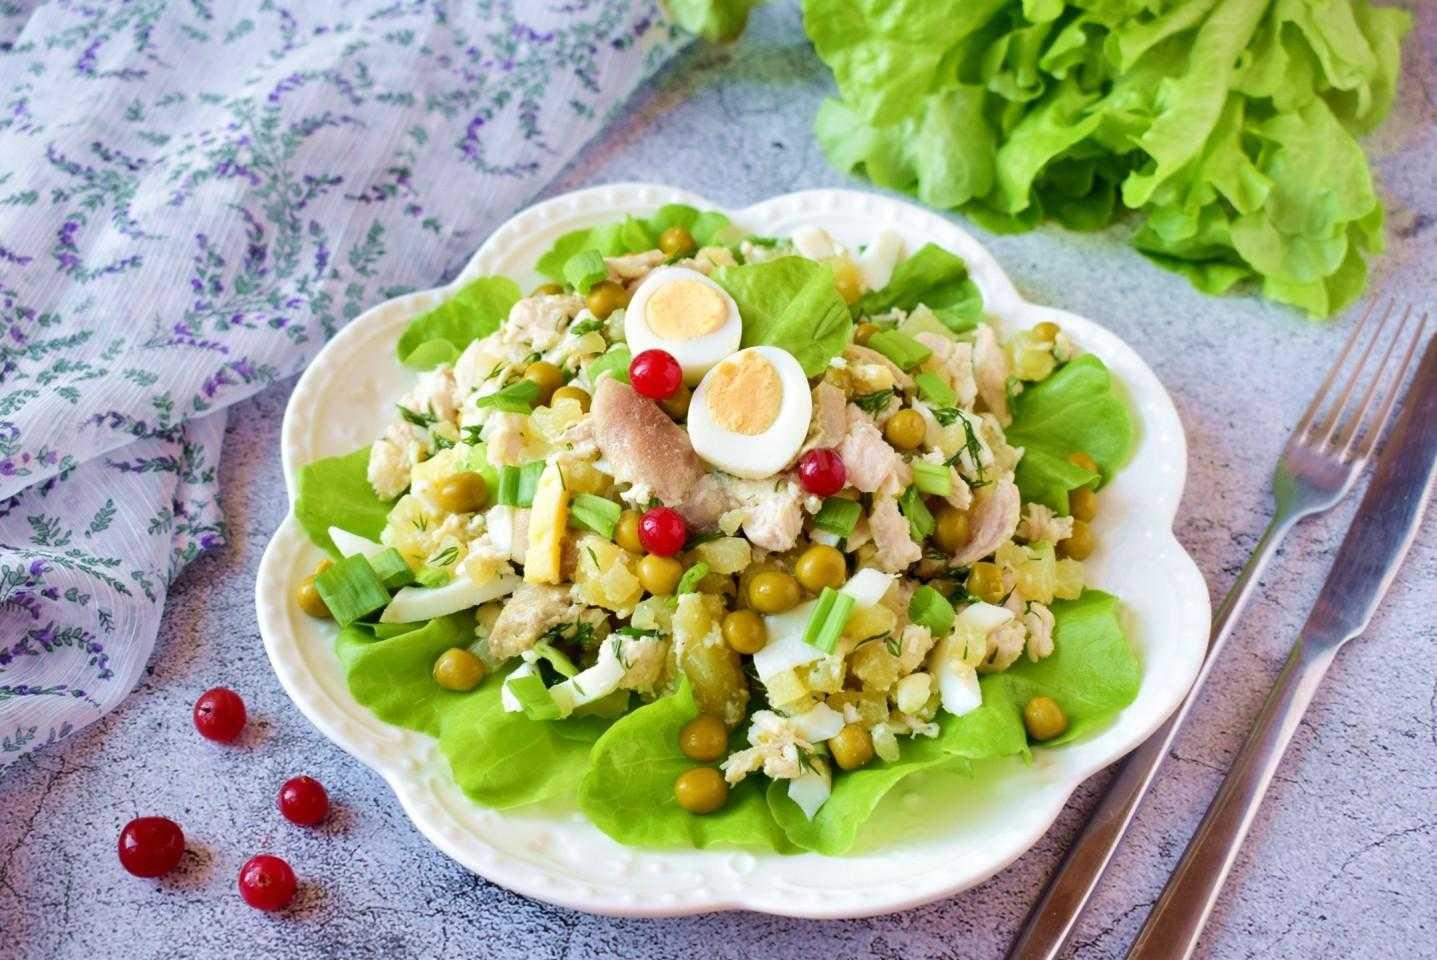 Салат с груздями солеными: рецепты с курицей, картофелем, ананасами, рисом, капустой, кукурузой, рукколой, креветками, сыром, ветчиной. Правила подготовки продуктов